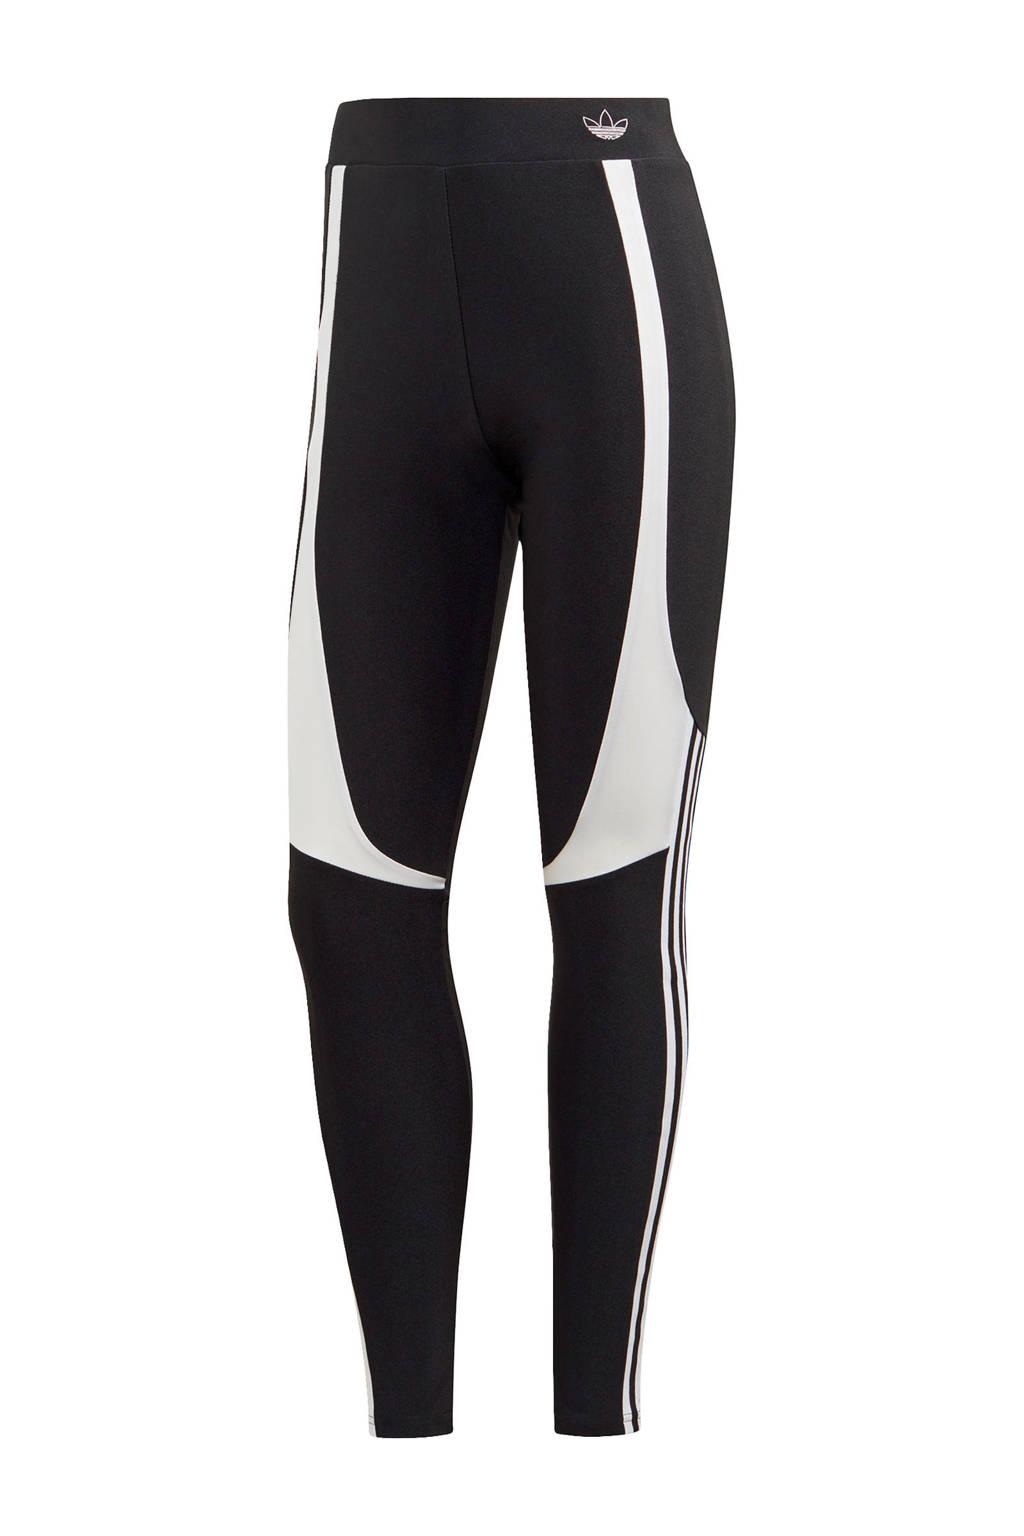 adidas Originals legging zwart/wit, Zwart/wit